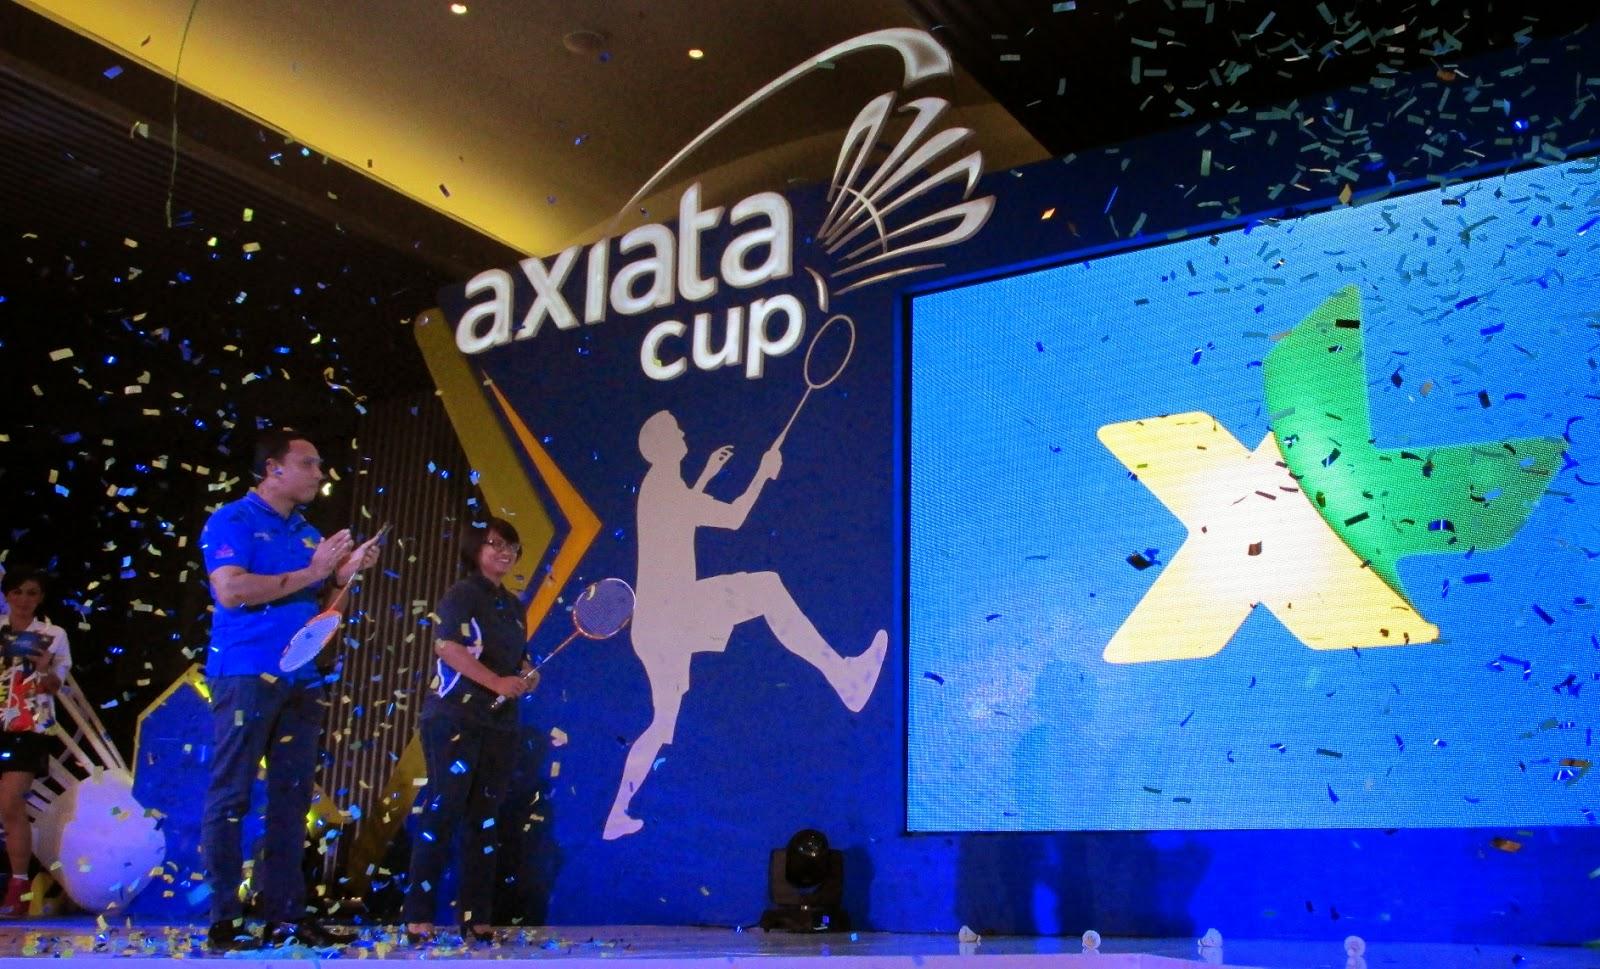 Axiata Cup 2014 Berhadiah 1 Juta Dolar US